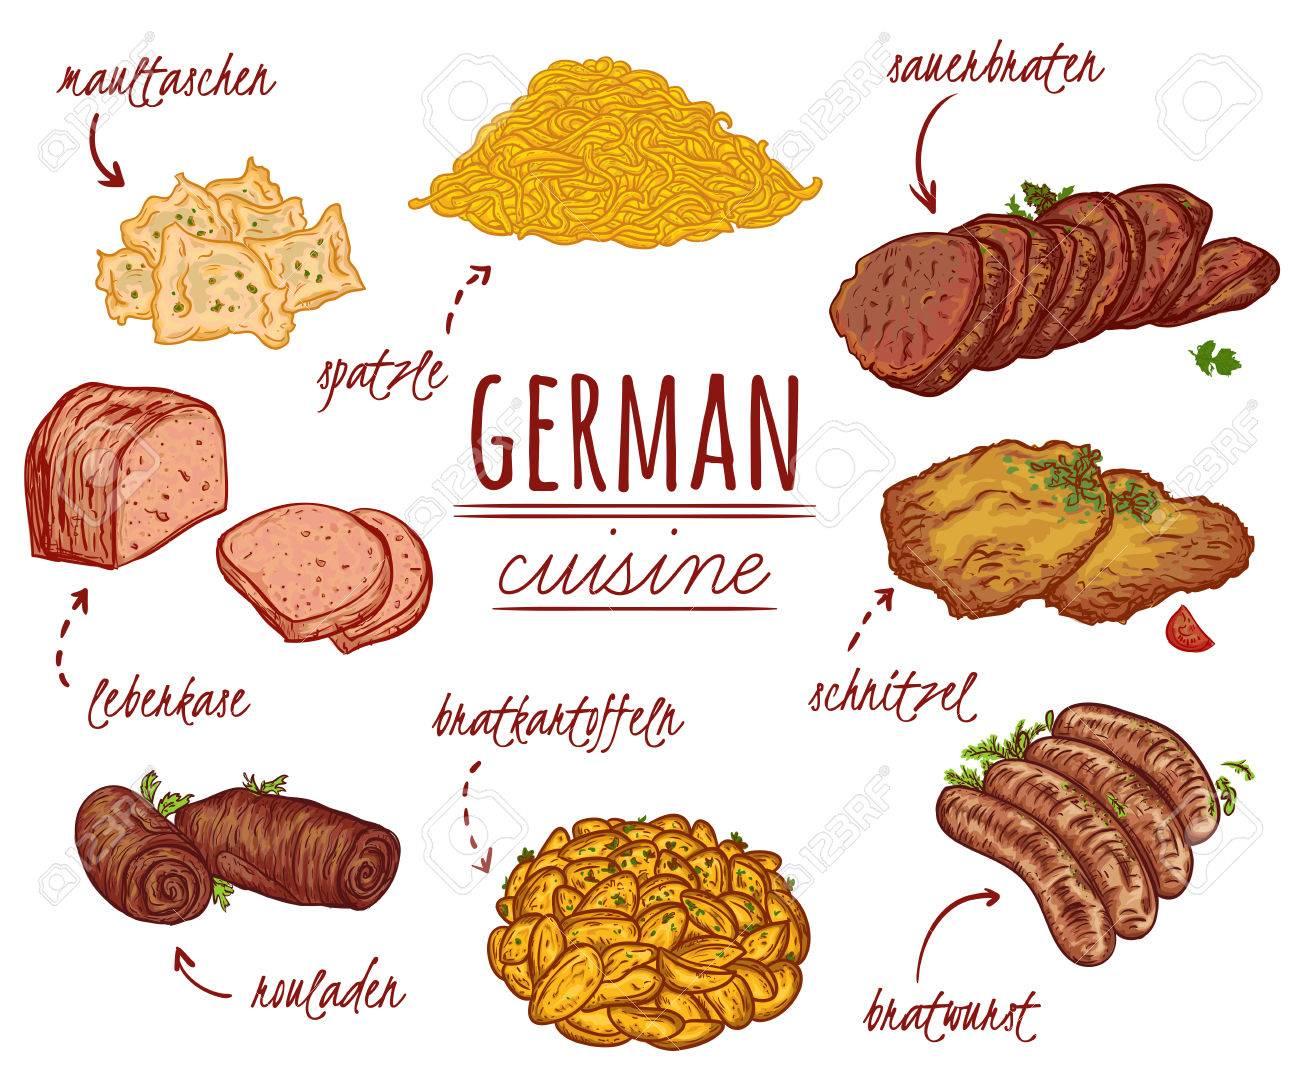 Deutsche Küche. Sammlung Von Köstlichen Speisen. Isolierte Elemente.  Konzeptentwurf Für Die Dekoration Restaurants